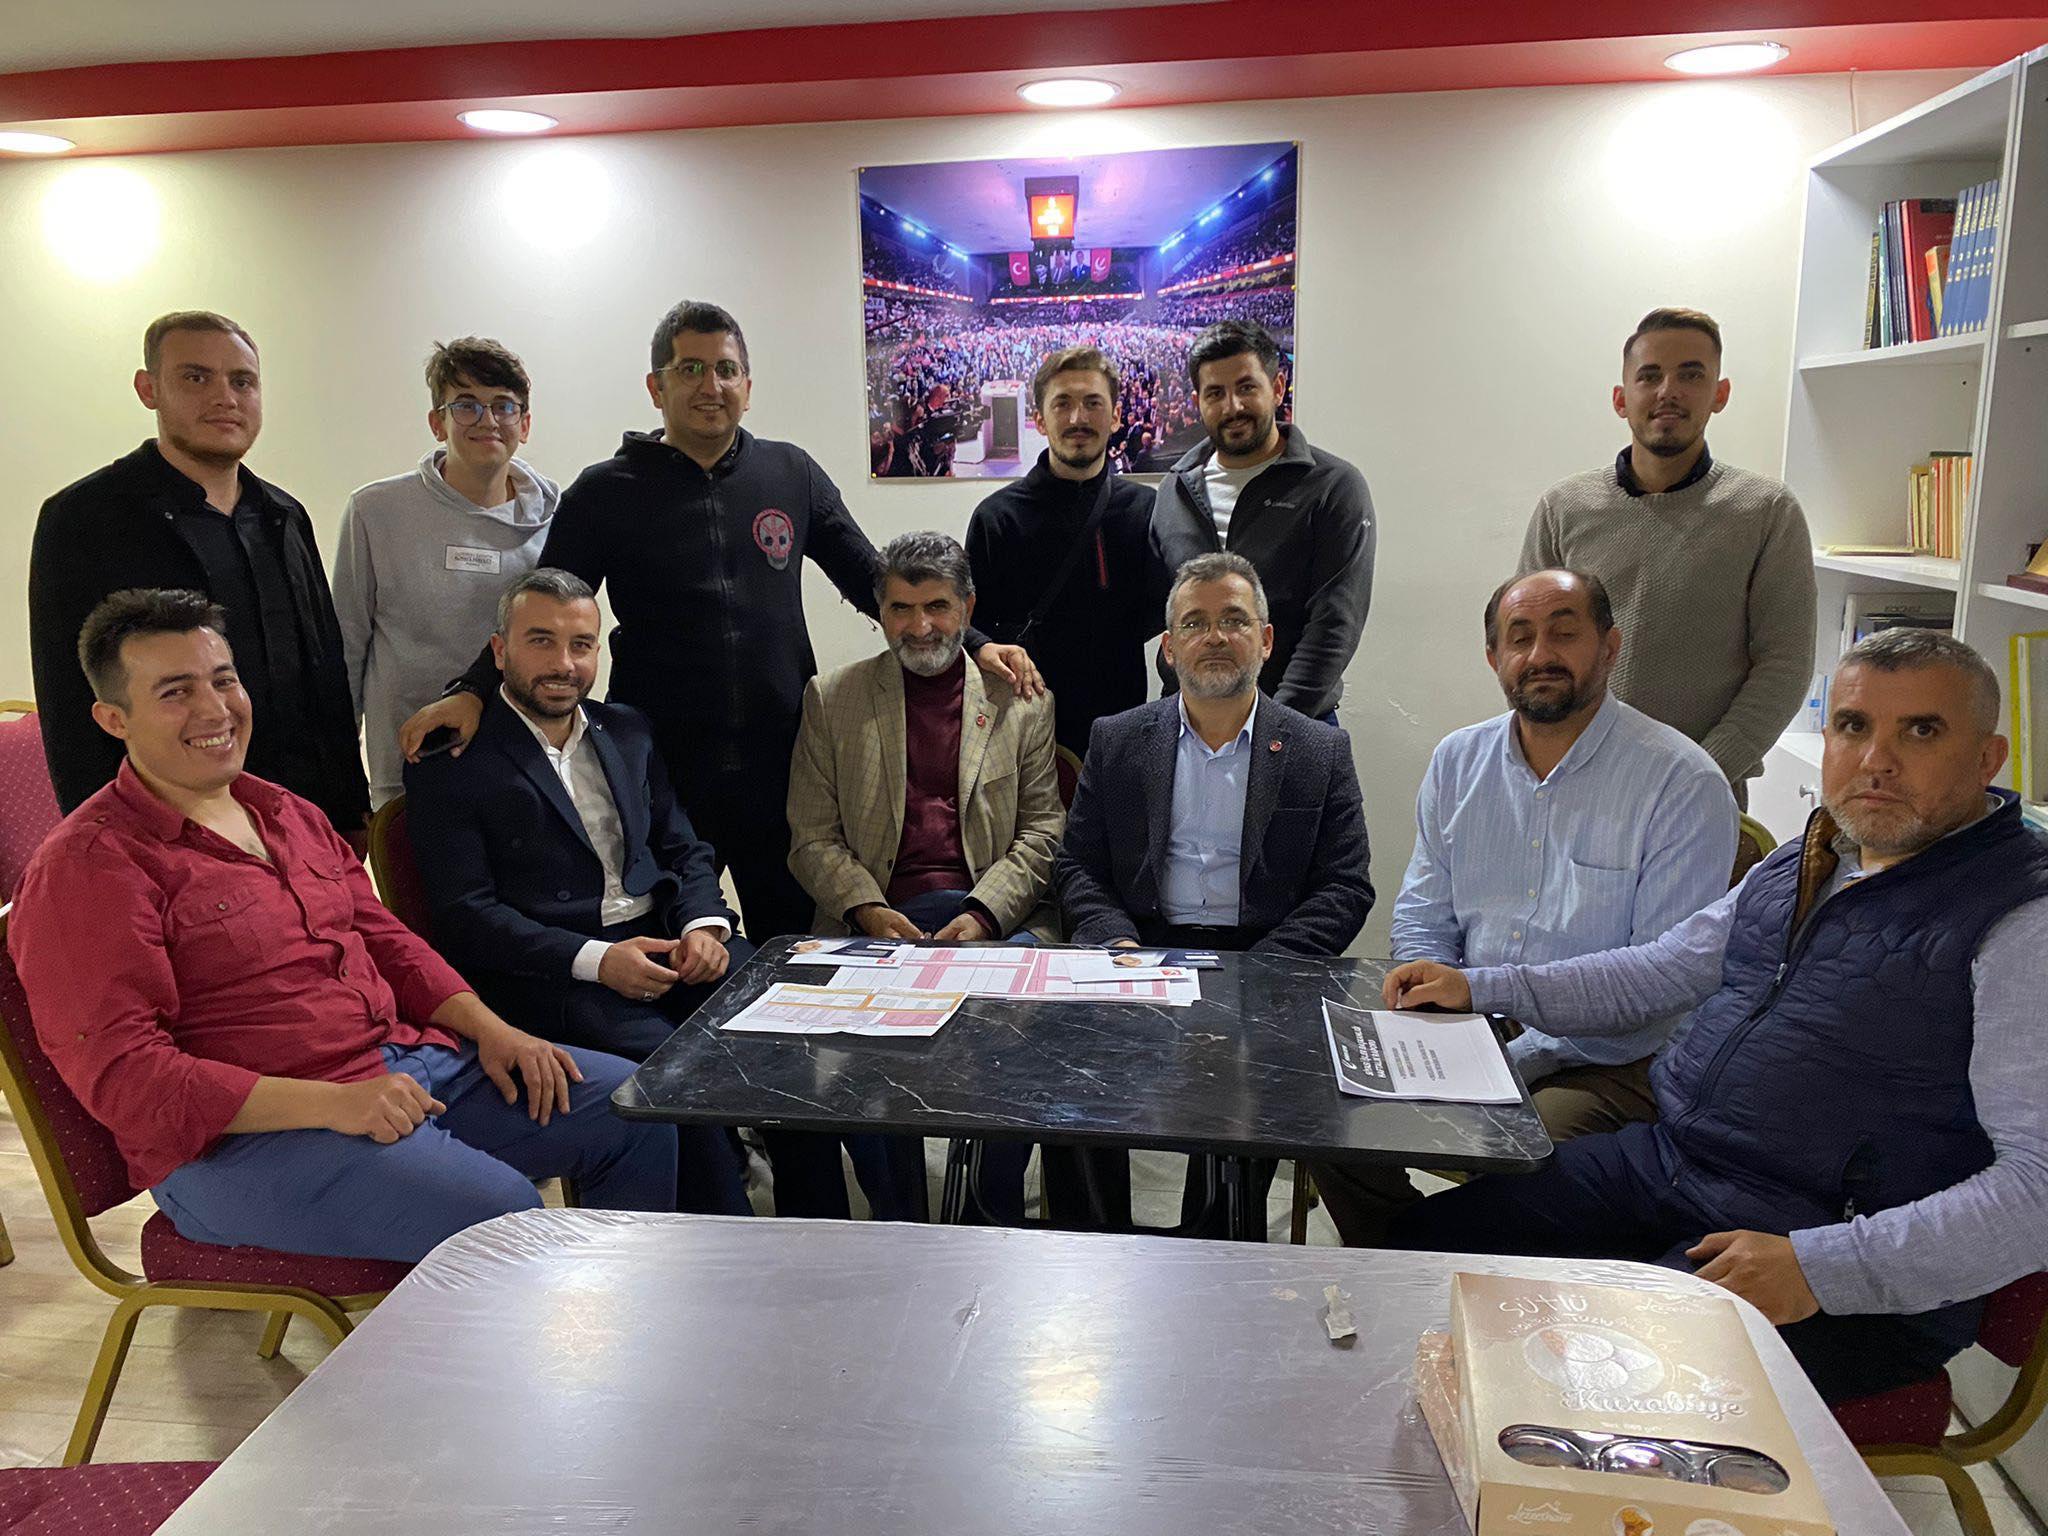 Gebze Yeniden Refaph Partisi, Erbakan Hazırlığı toplantısı yaptı